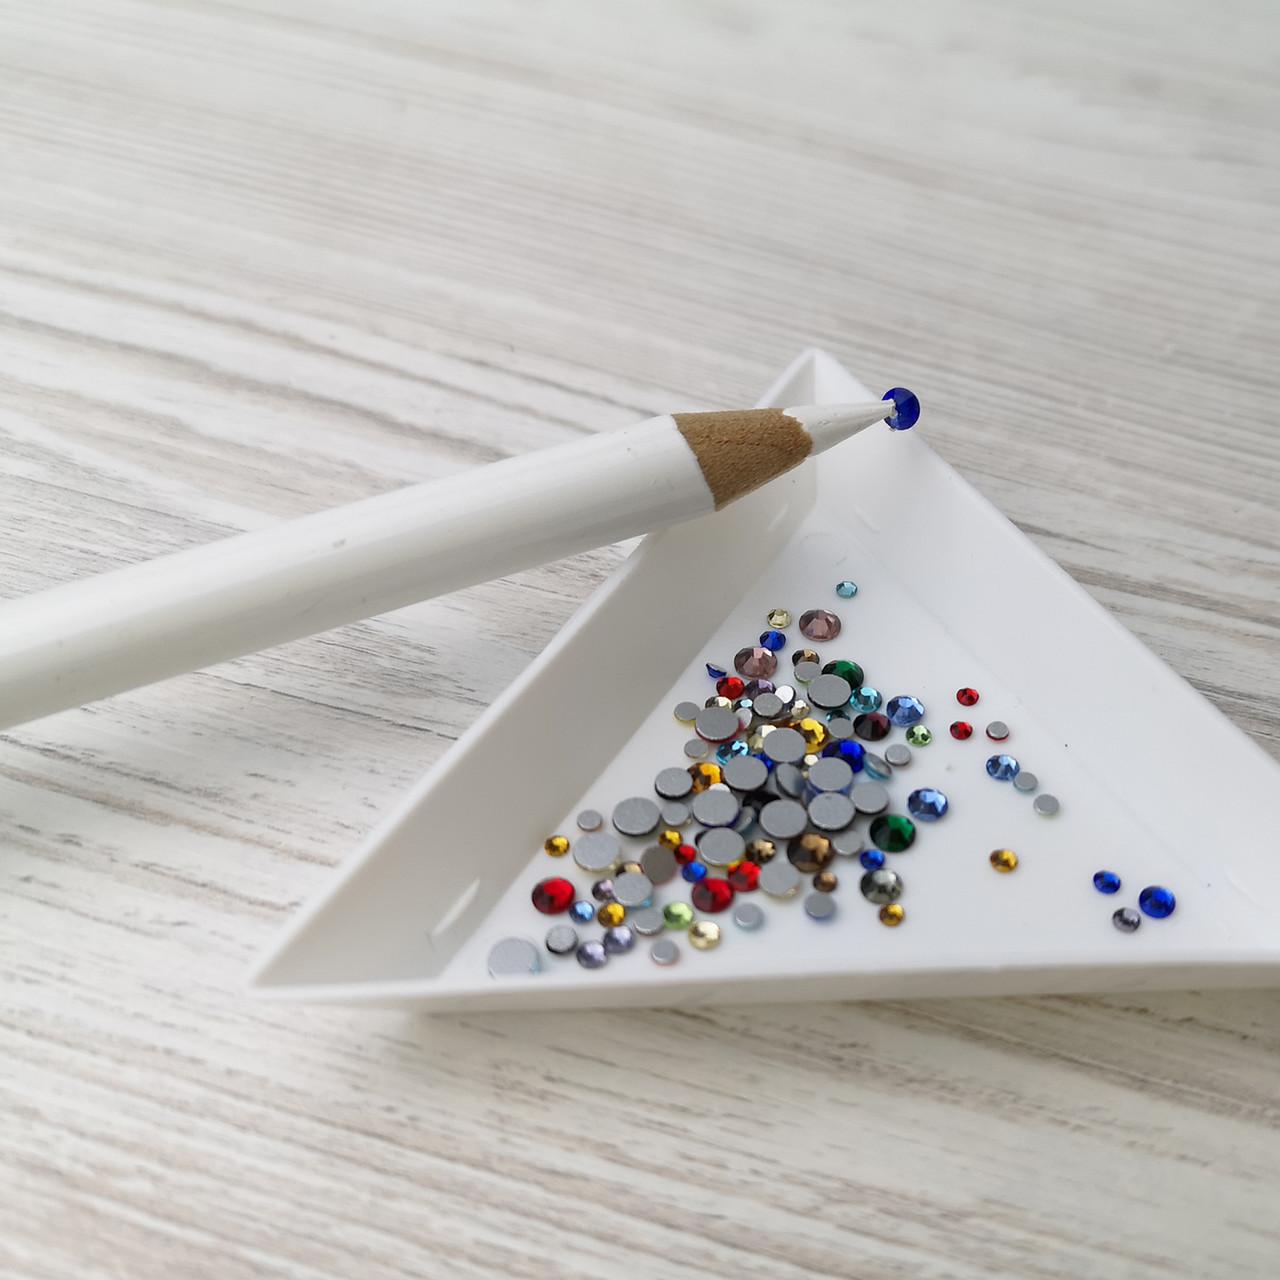 Супер Лепкий Восковий Олівець для Захоплення Страз - Магнітний олівець для страз - Олівець для підняття страз